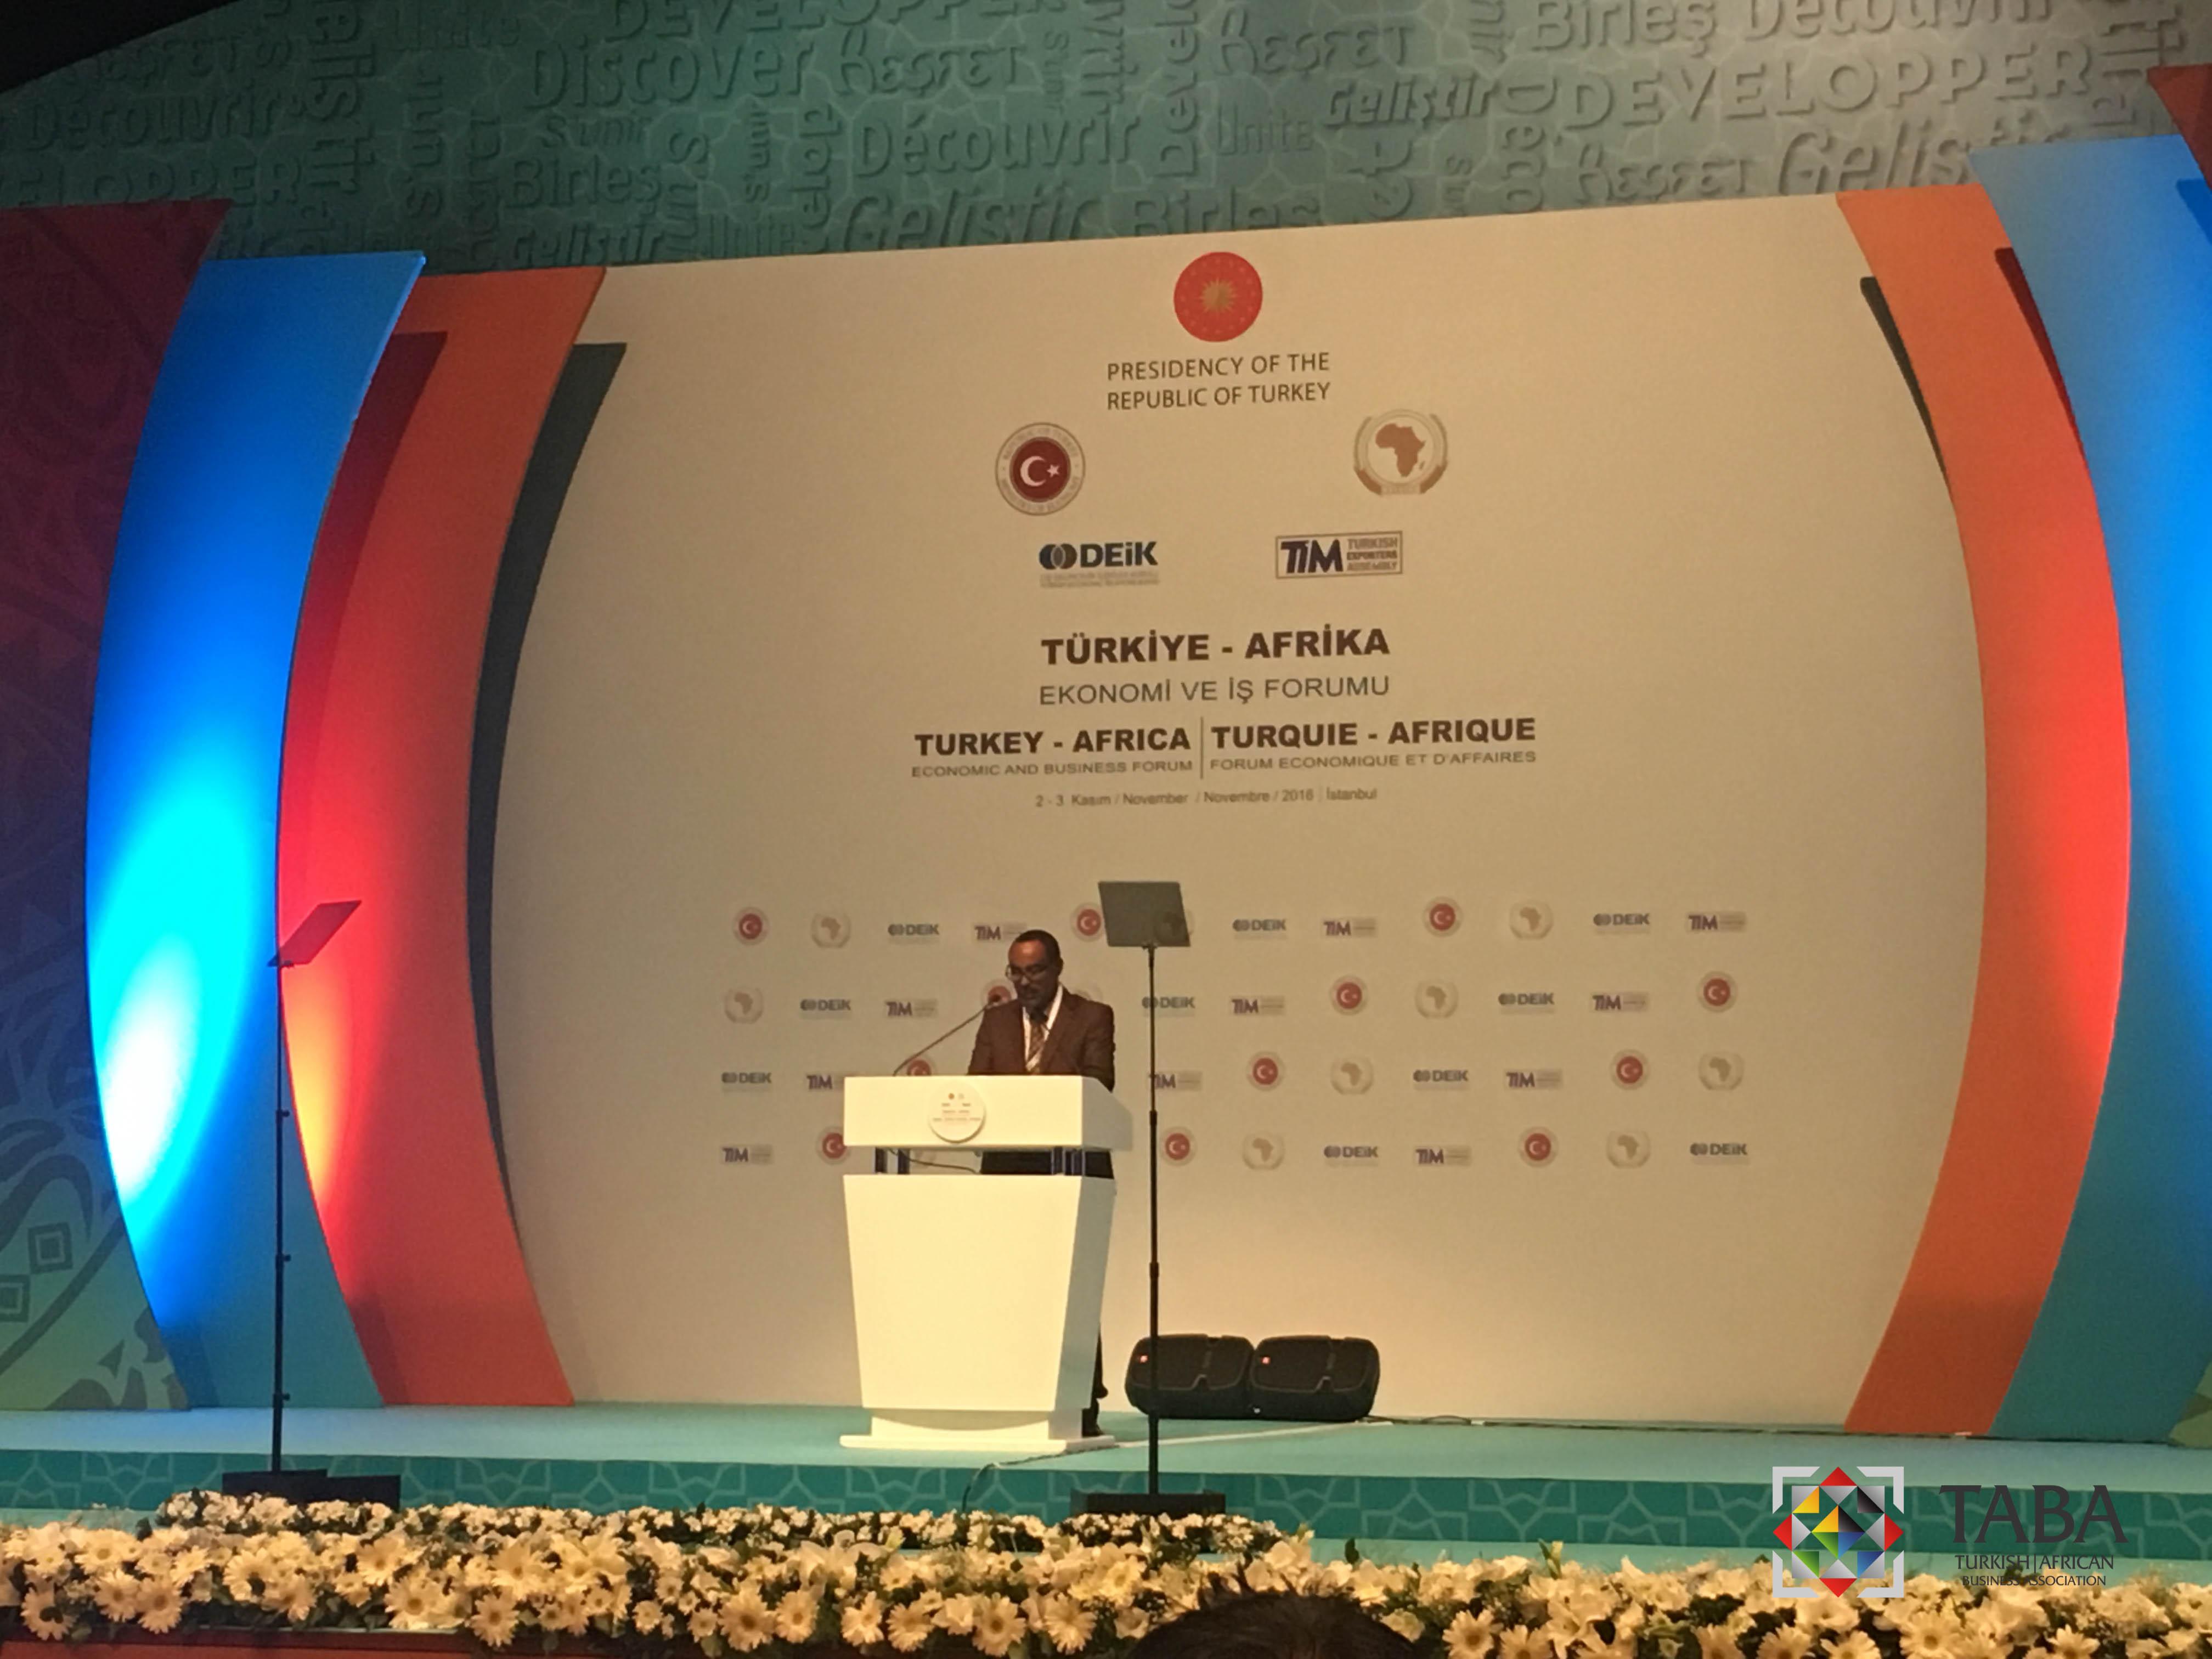 africa_summit_tabef_taba_türk_afrika_b2b_(2)